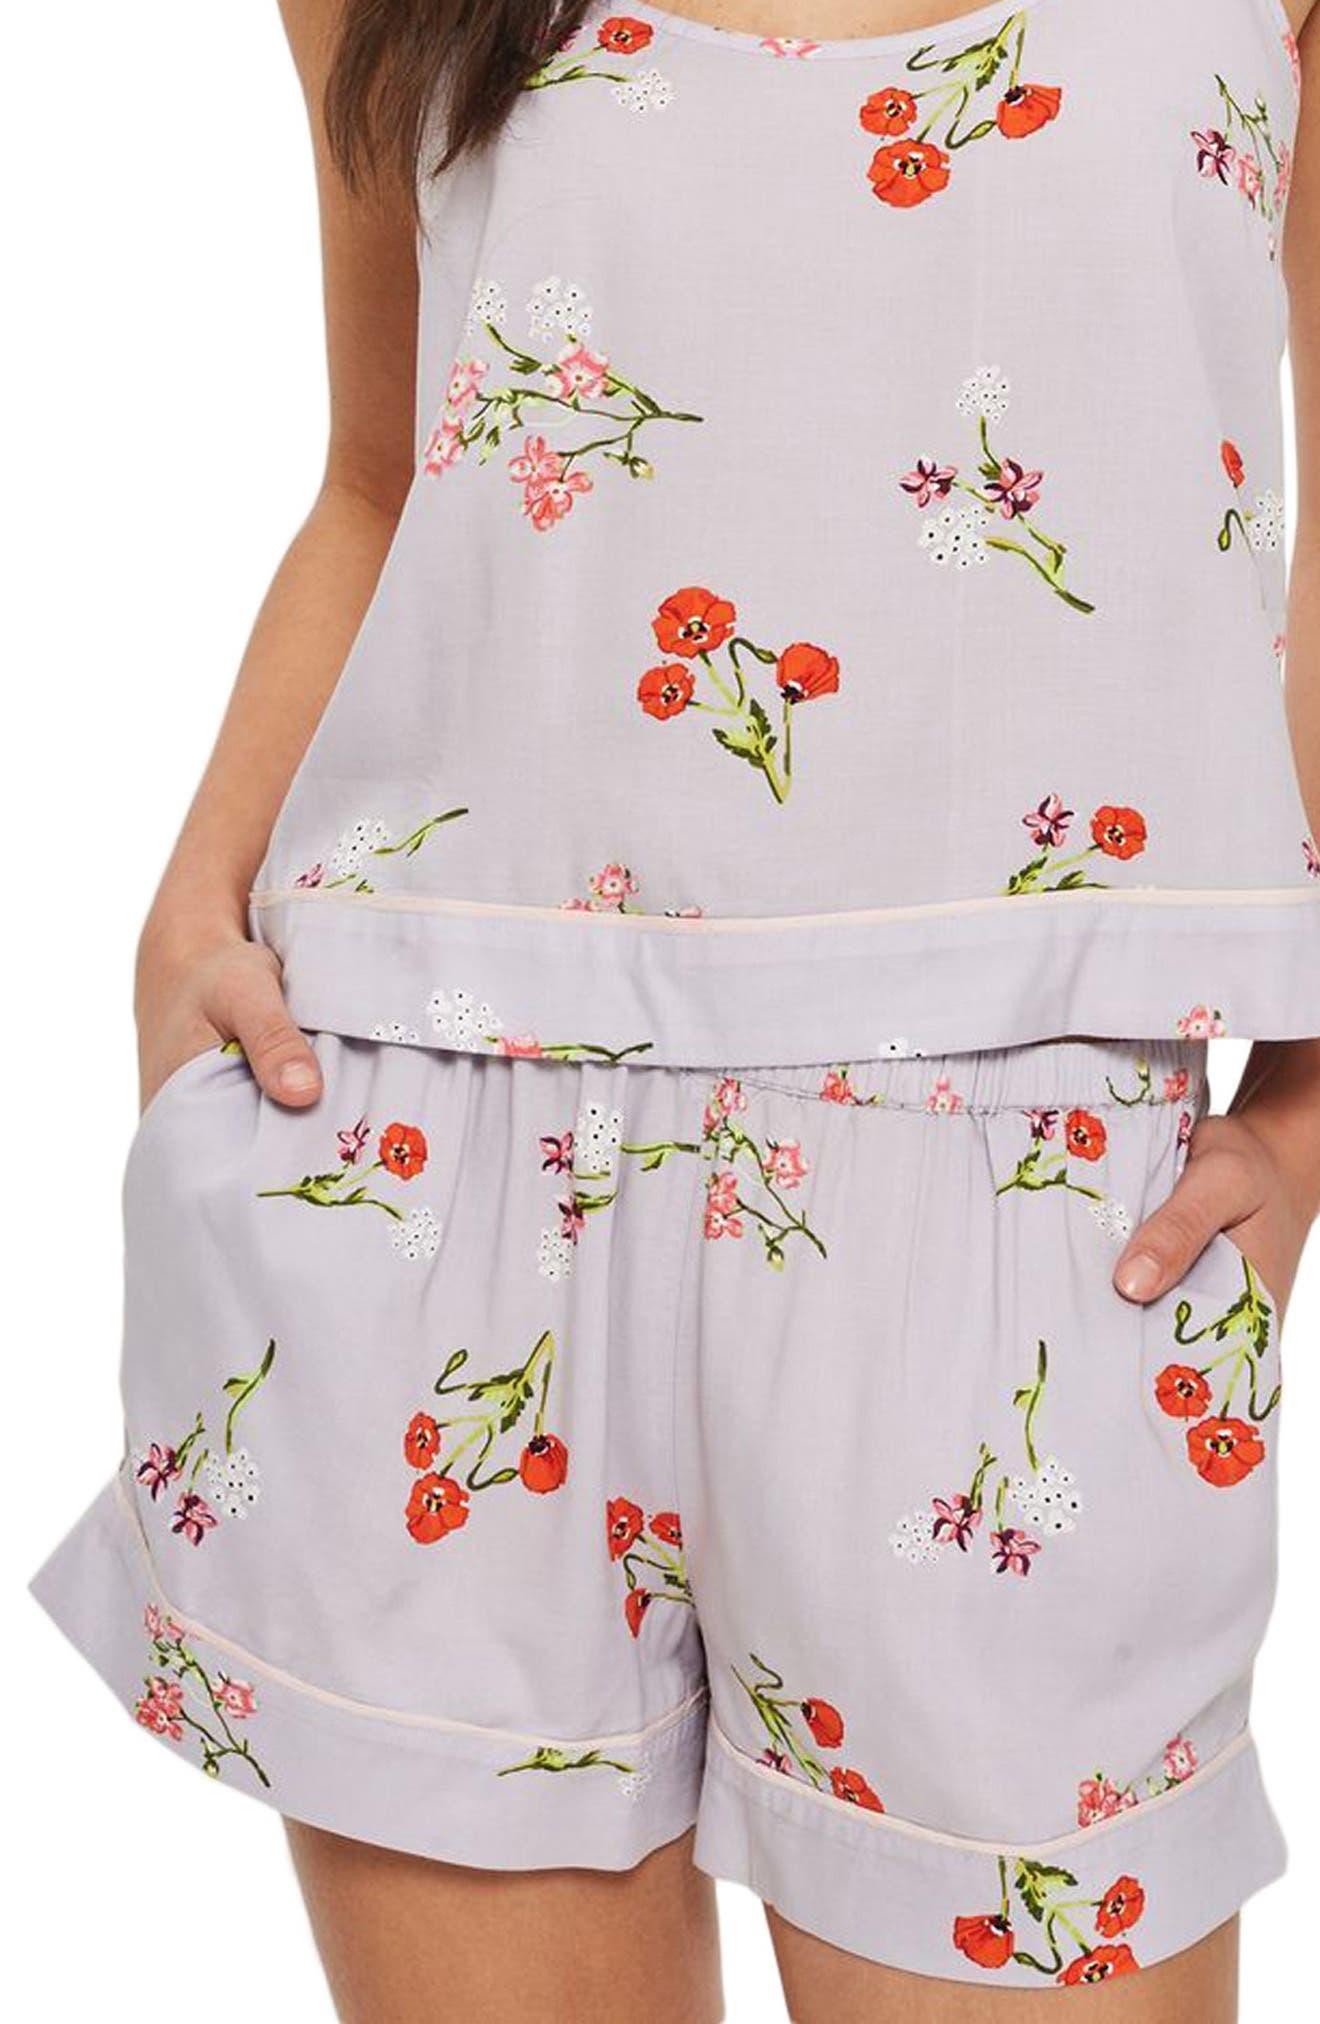 Poppy Pajama Shorts,                             Main thumbnail 1, color,                             Light Blue Multi